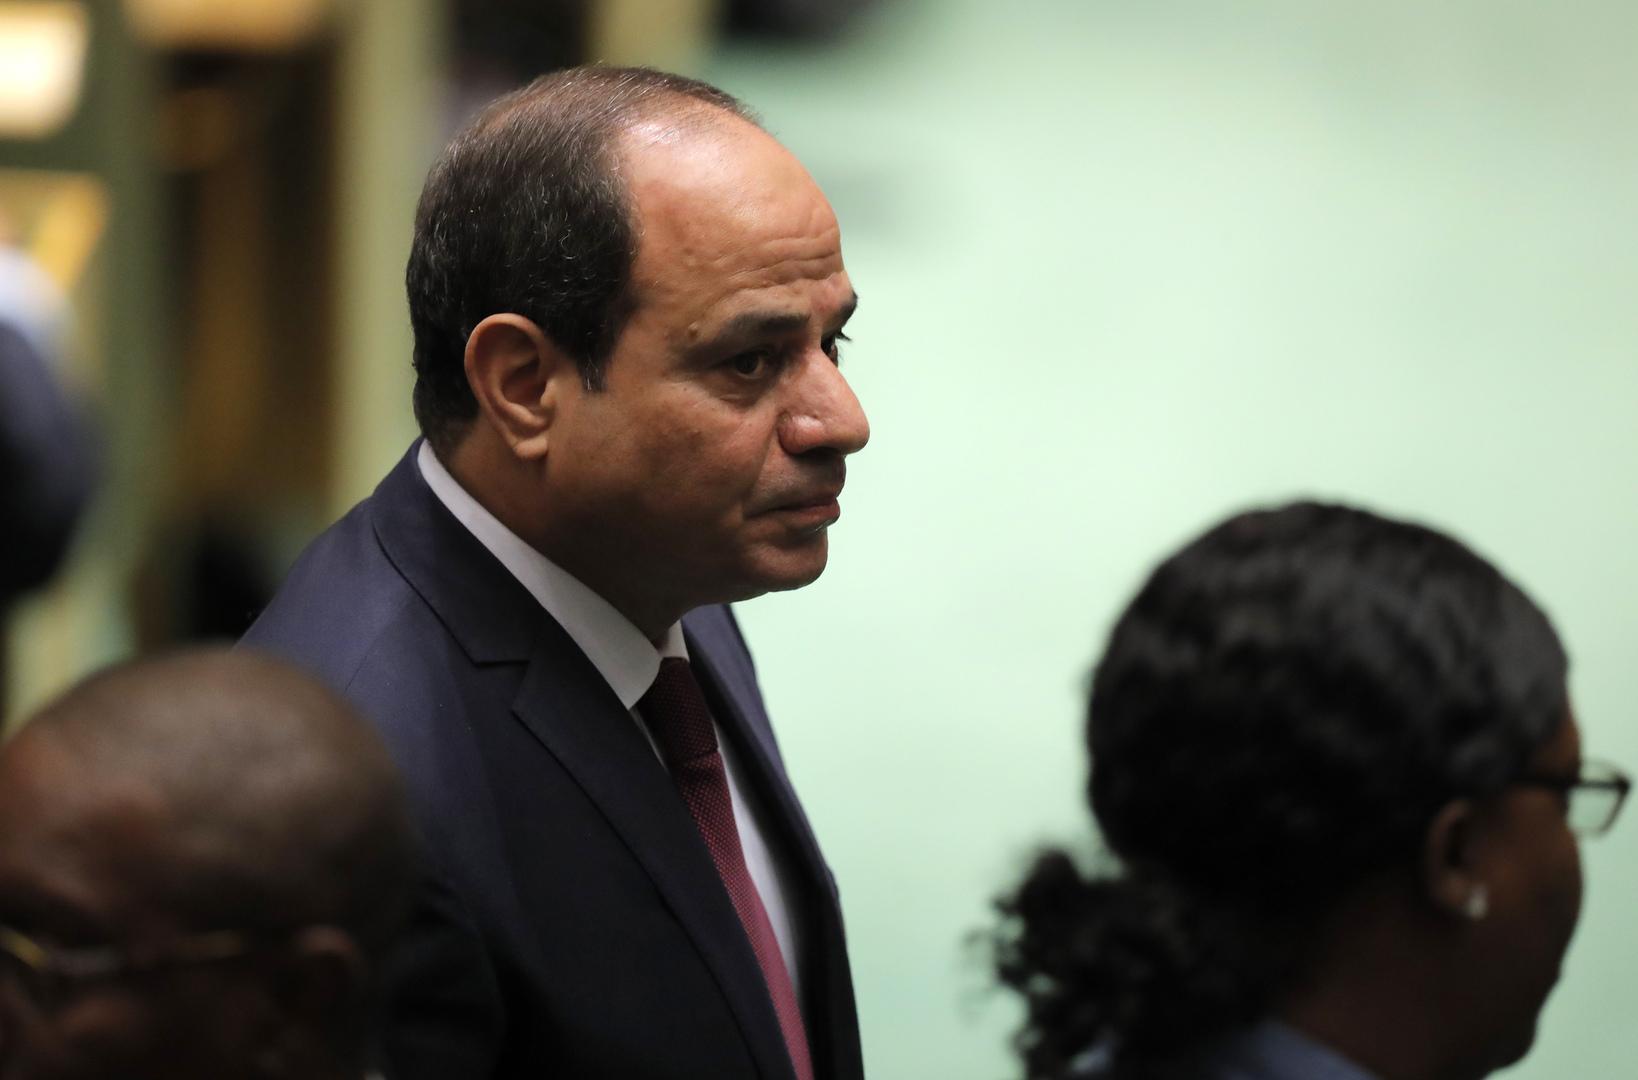 السيسي: التغيير حدث عام 2013 عندما وجد الجيش أنها إرادة مصرية للتغيير